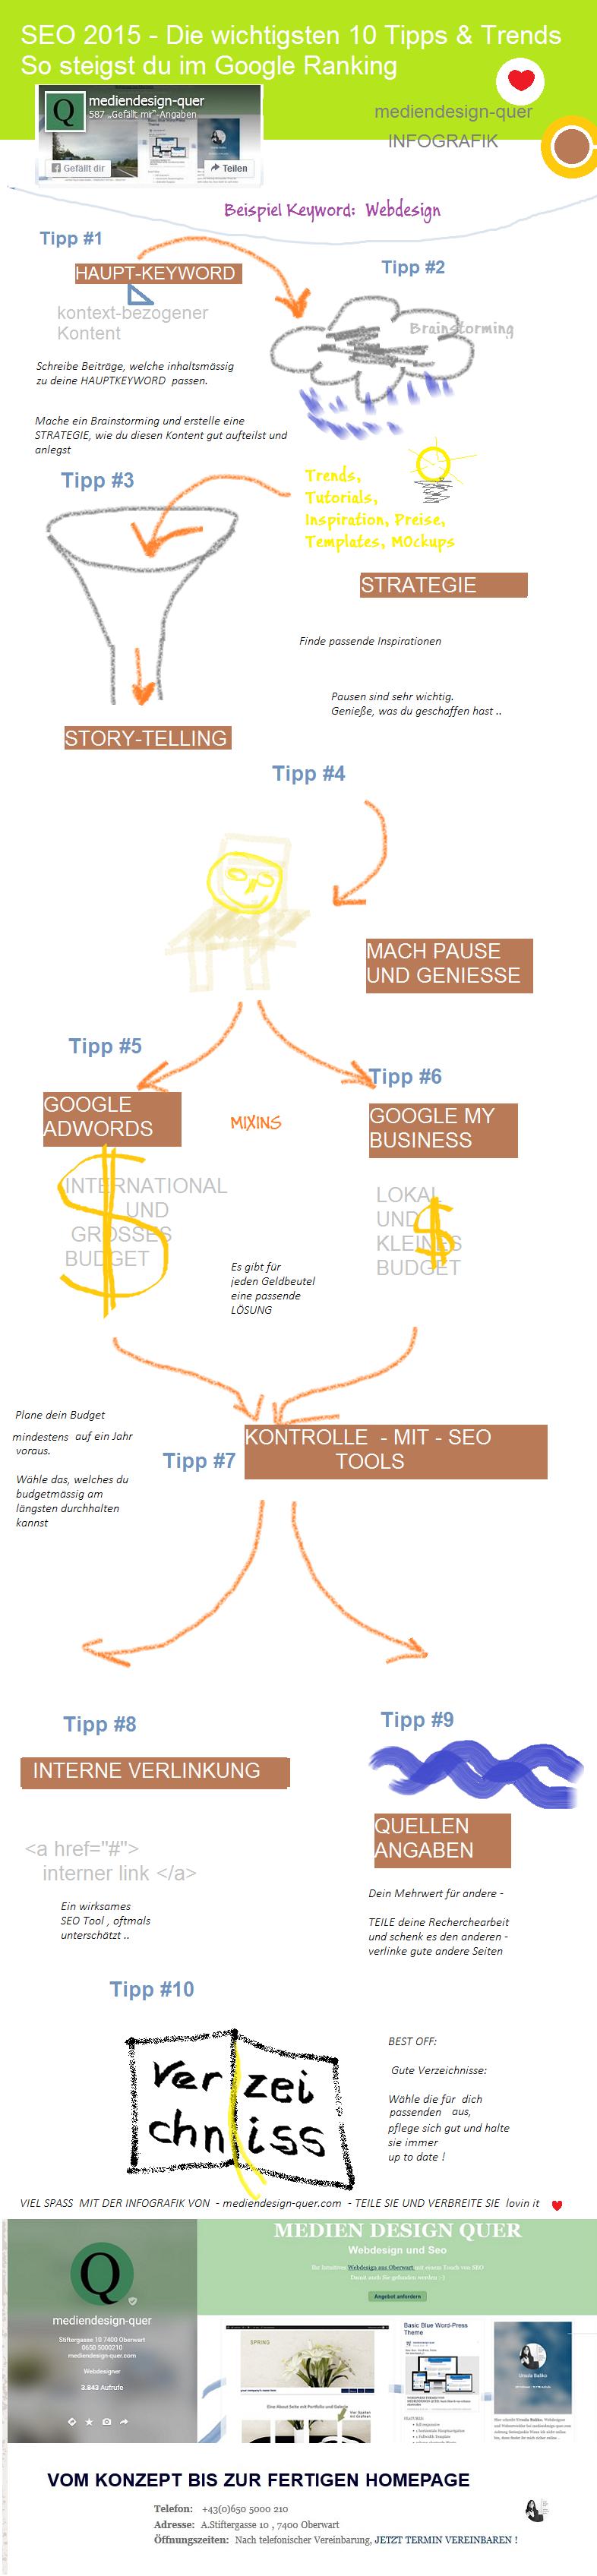 infografik-seotipps-von-mdq